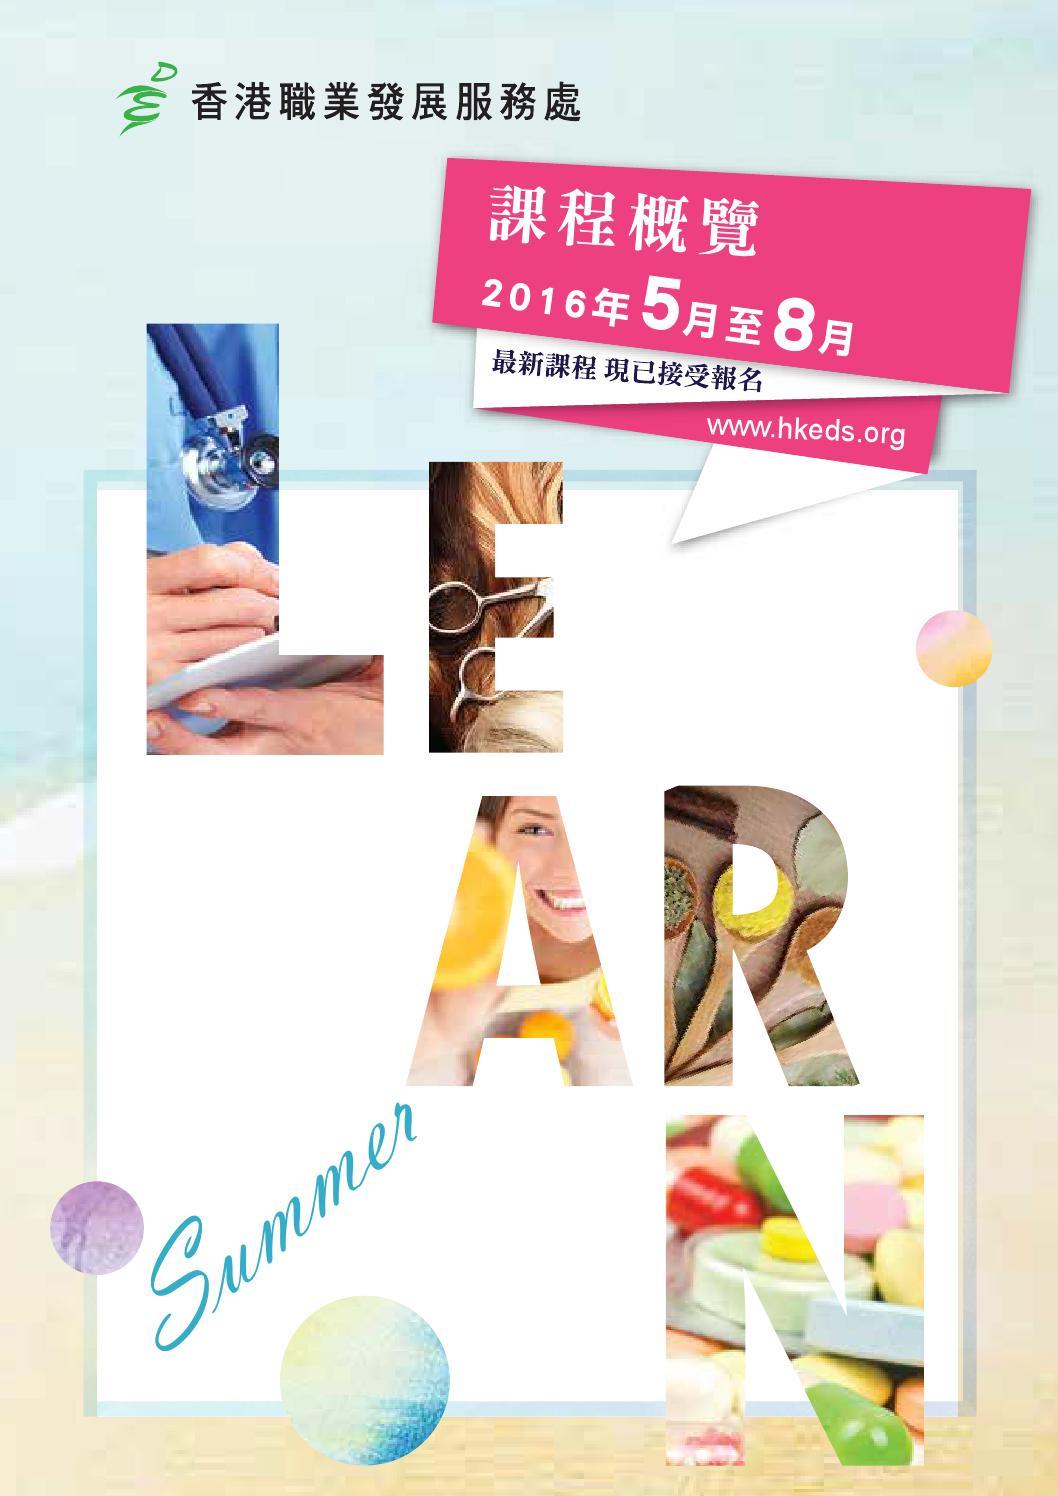 Merged cdp201604 by 香港職業發展服務處 - Issuu